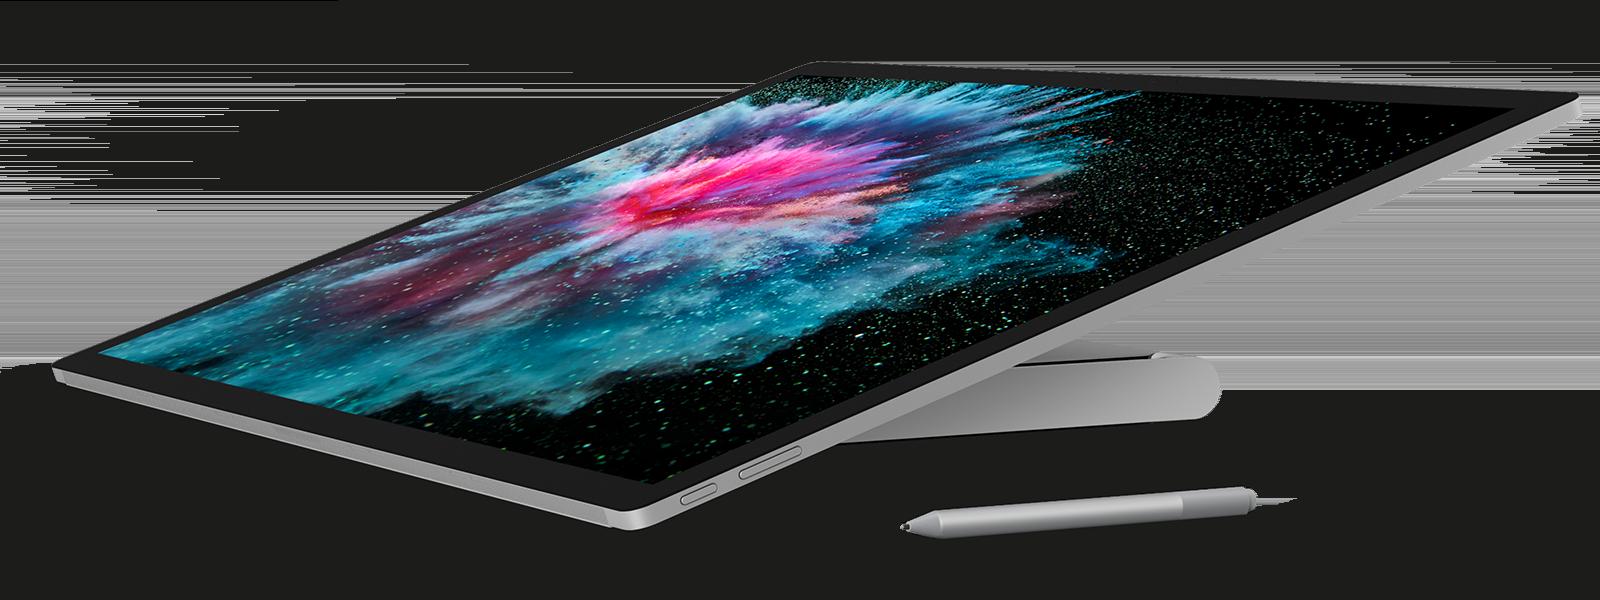 Zijaanzicht van de Surface Studio 2 in studiomodus met een Surface Pen